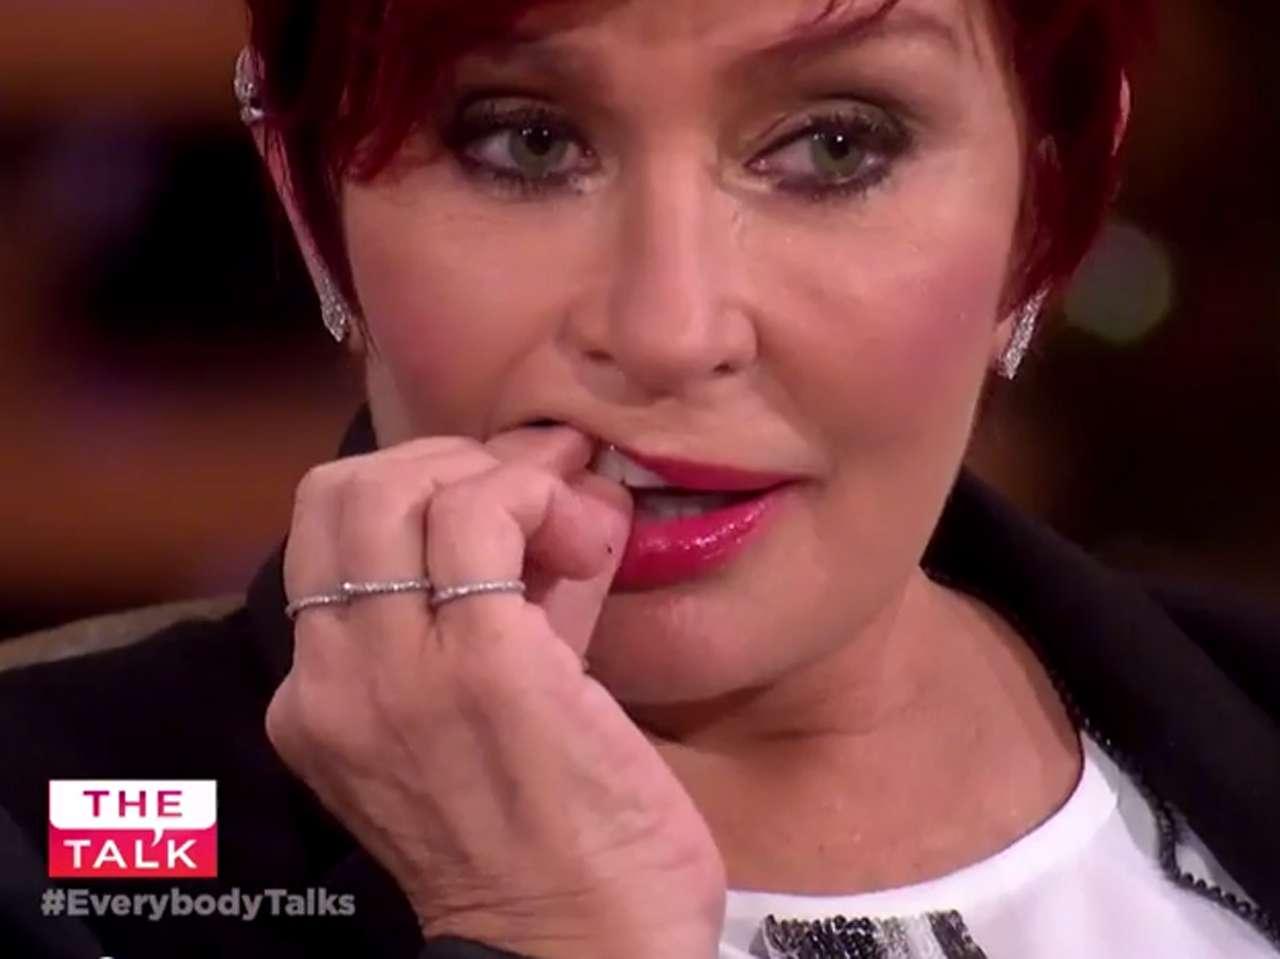 Sharon Osbourne discutía los temas del día cuando perdió su diente. Foto: Youtube.com/The Talk